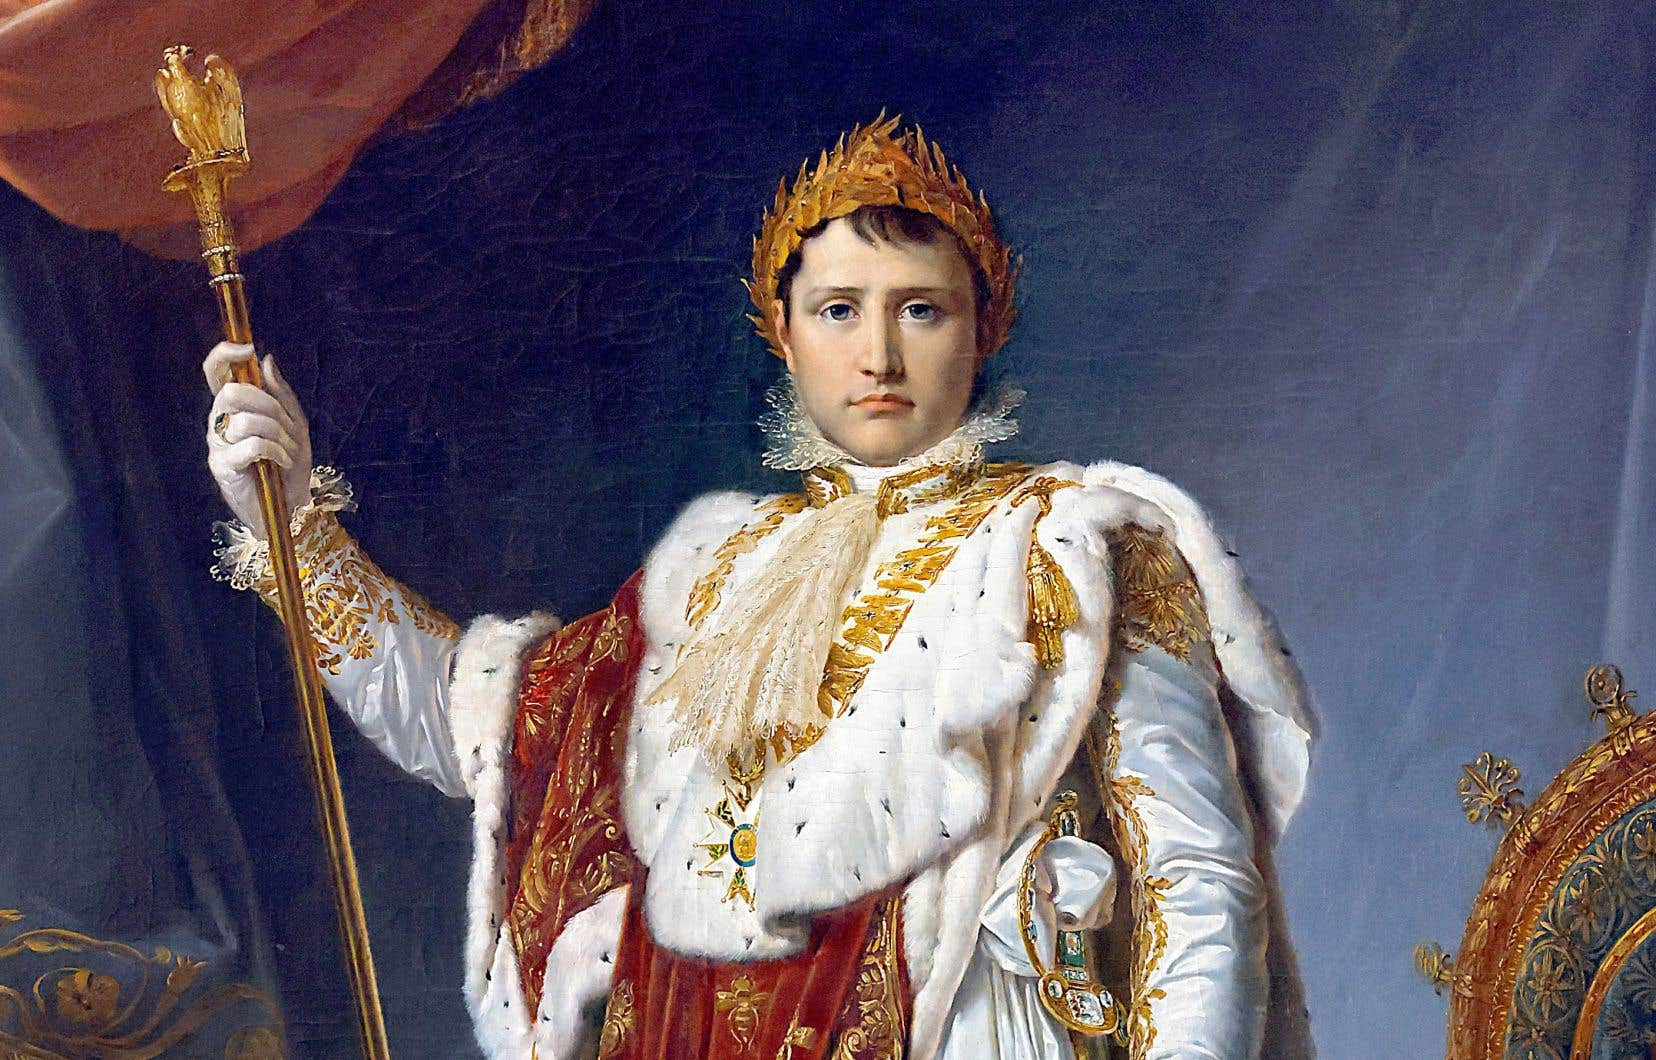 Un portrait de l'empereur français Napoléon Ier, peint en 1805 par François Gérard et qui se trouve aujourd'hui au château de Fontainebleau, au sud de Paris.